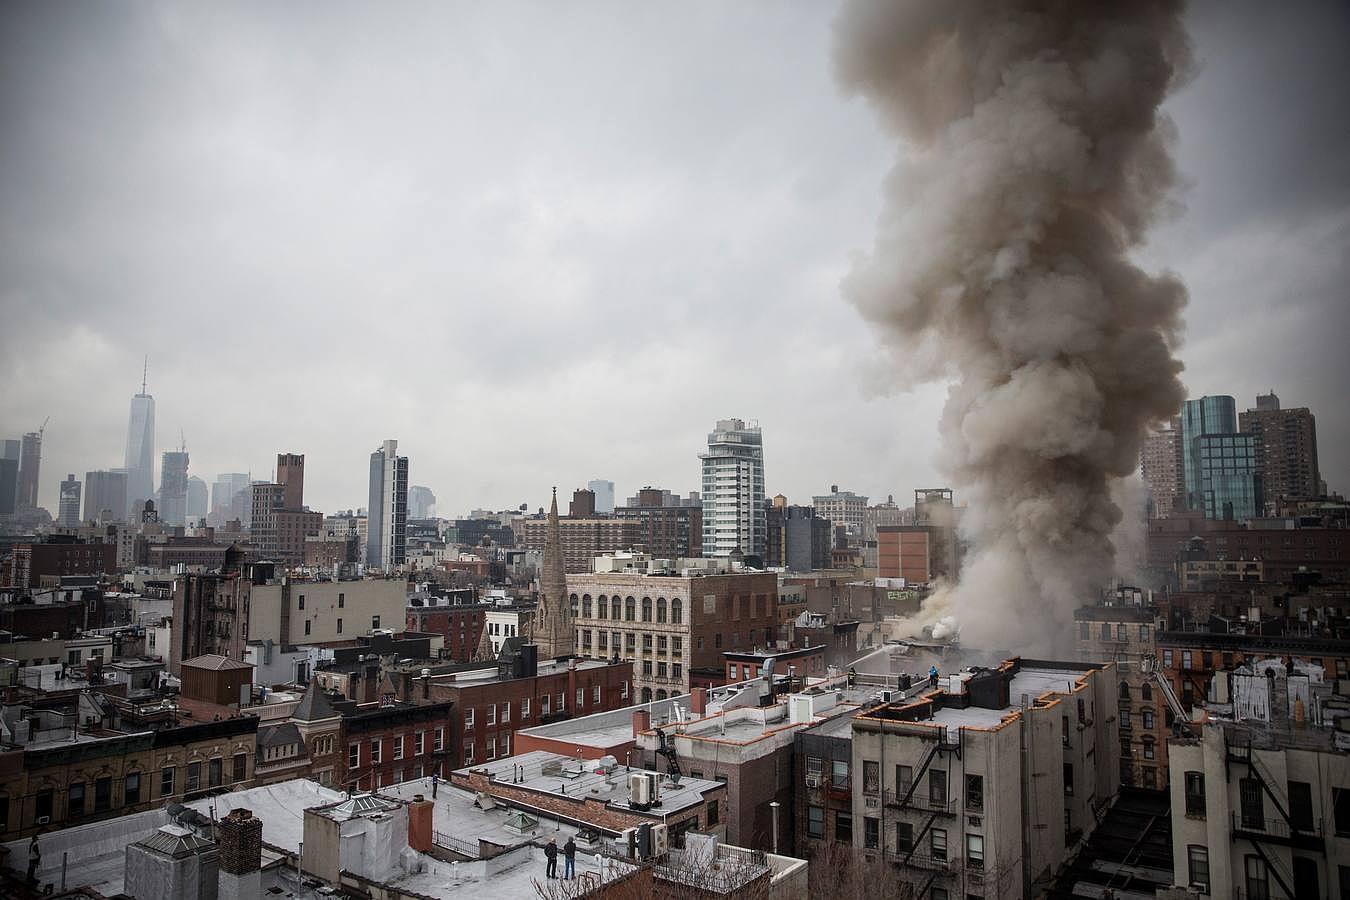 En imágenes: La explosión de un edificio en pleno corazón de Manhattan